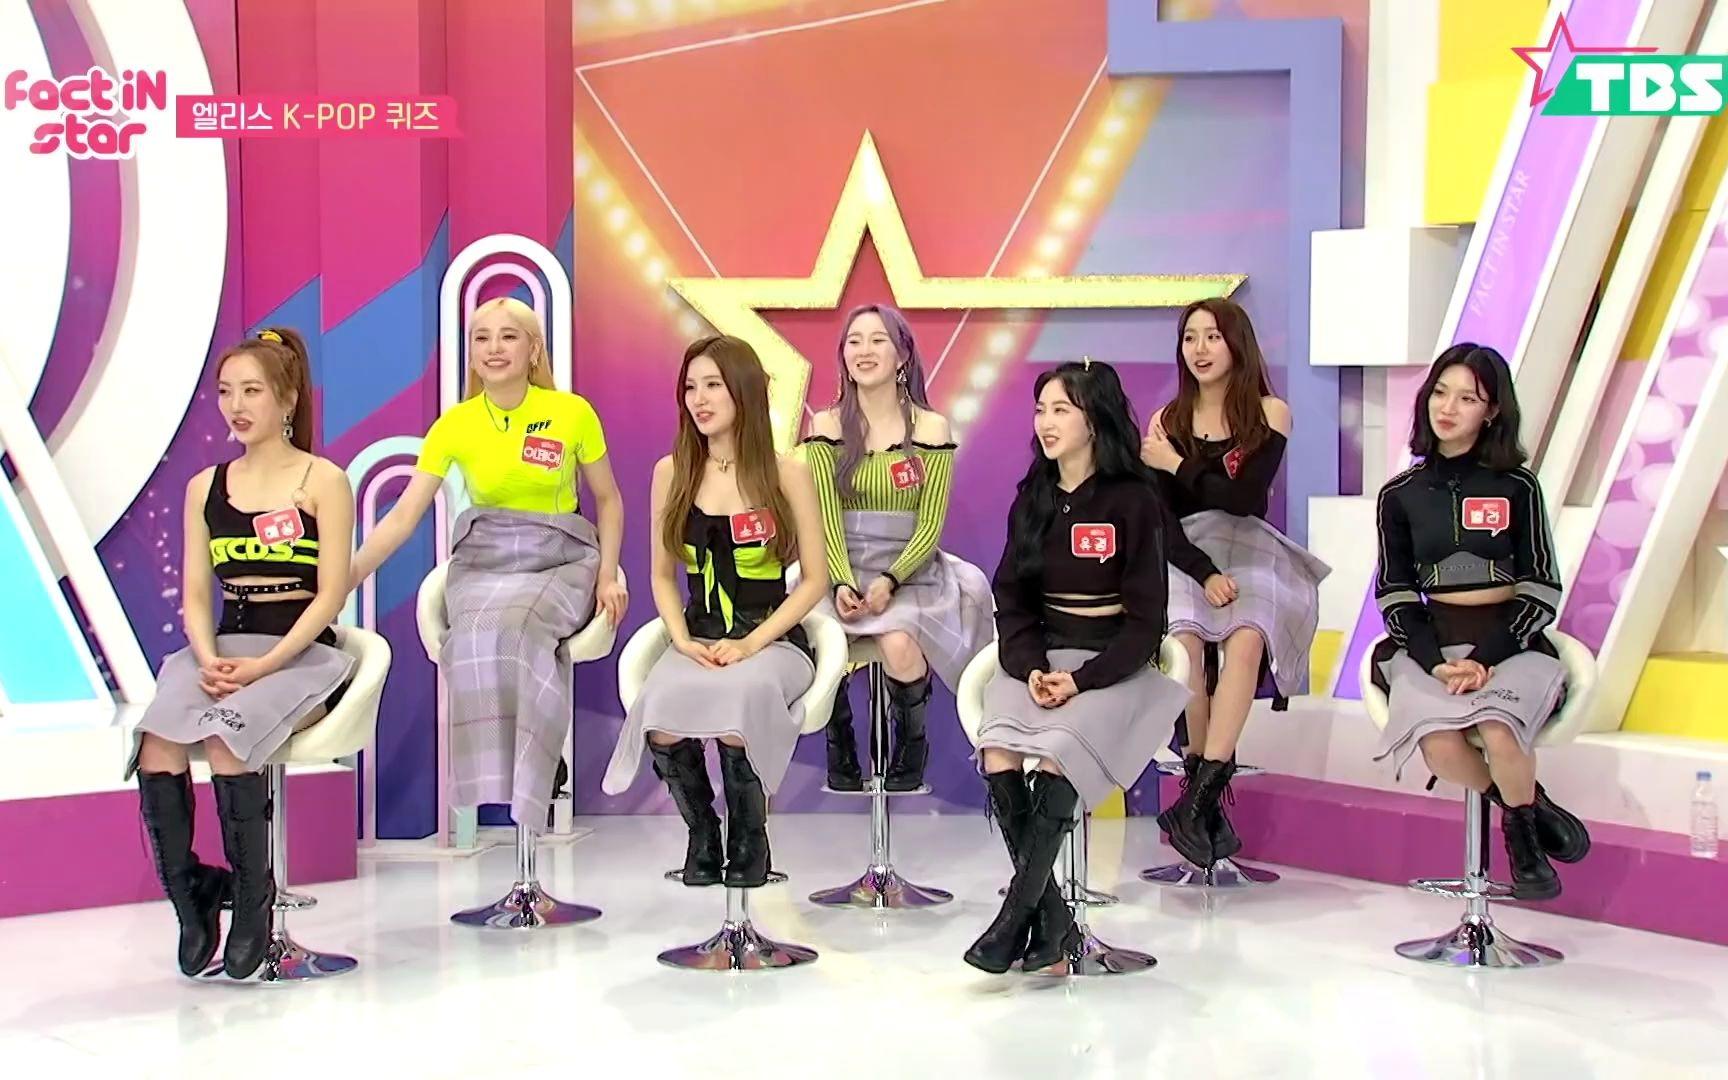 [Fact in Star] ELRIS -BTS、Red Velvet、SEVENTEEN、WJS